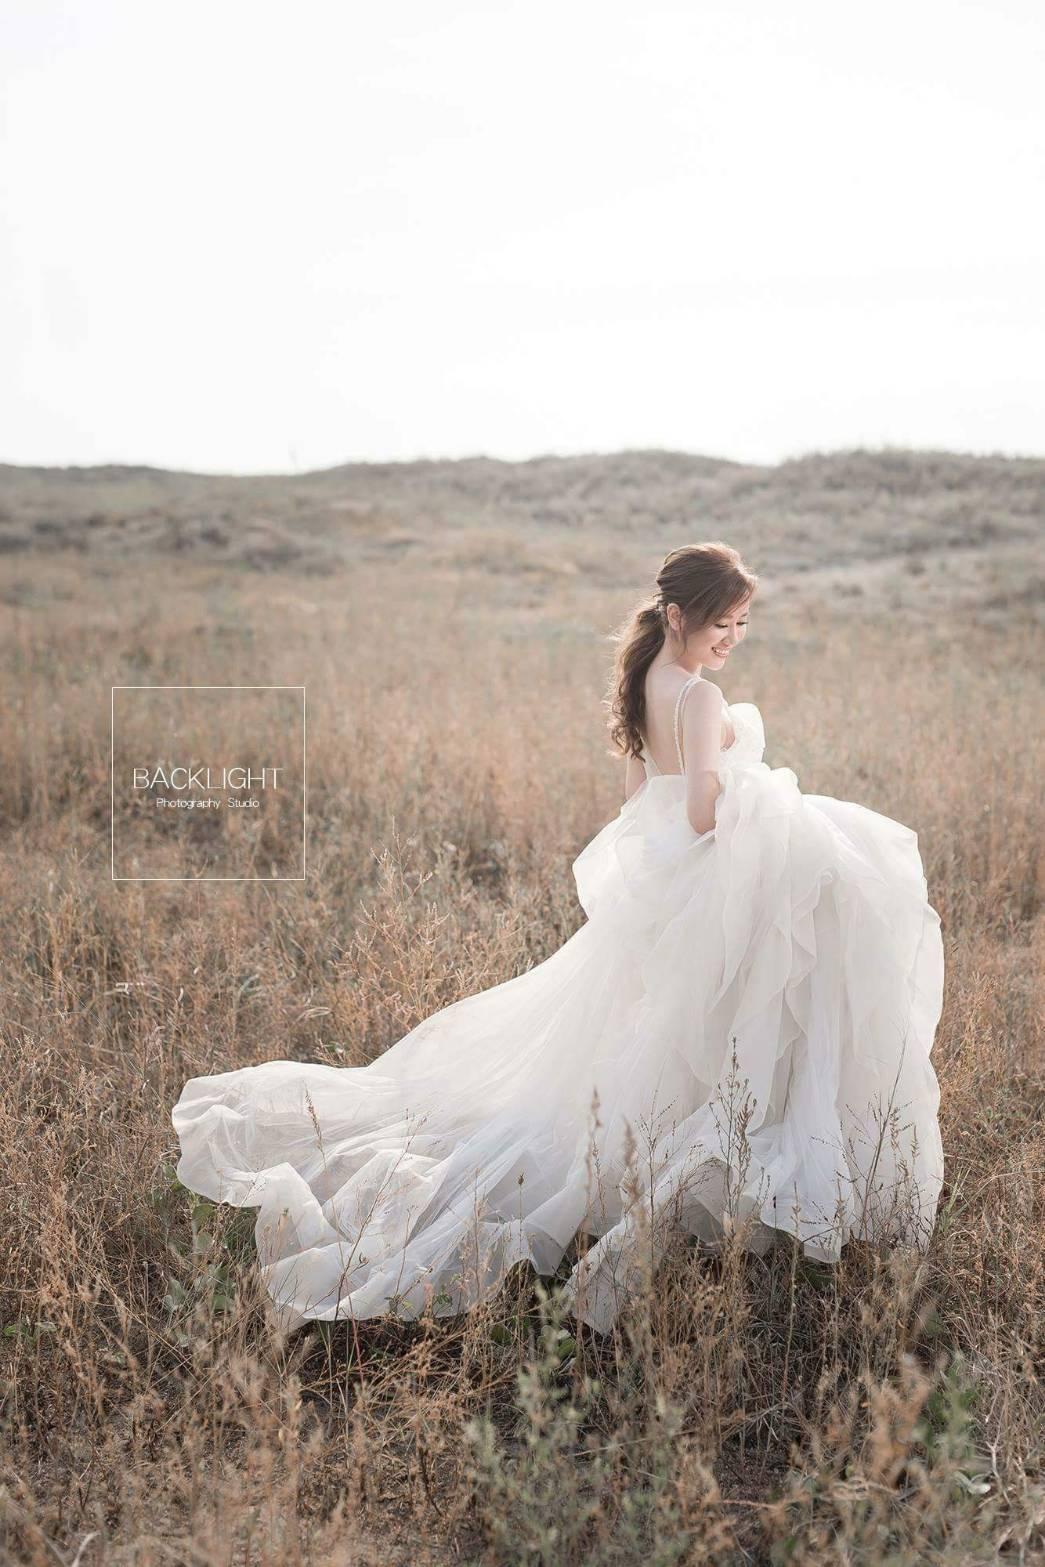 嘉義自助婚紗推薦